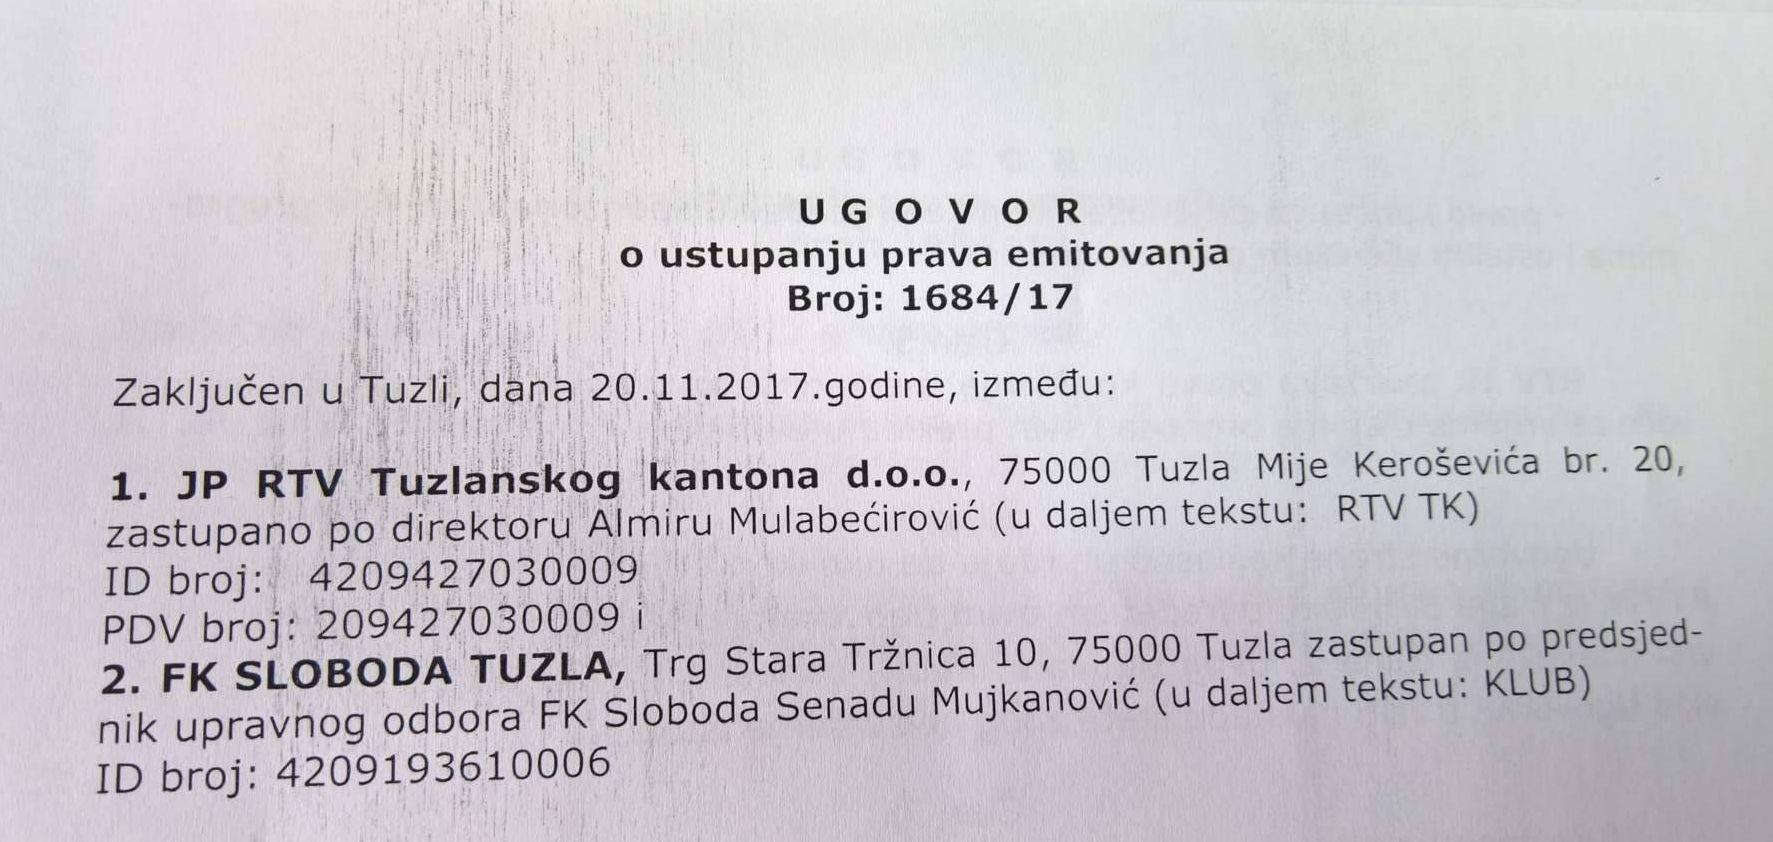 EKSKLUZIVNO na TVTK: SLOBODA – SLOGA, dvomeč KUP-a BiH!